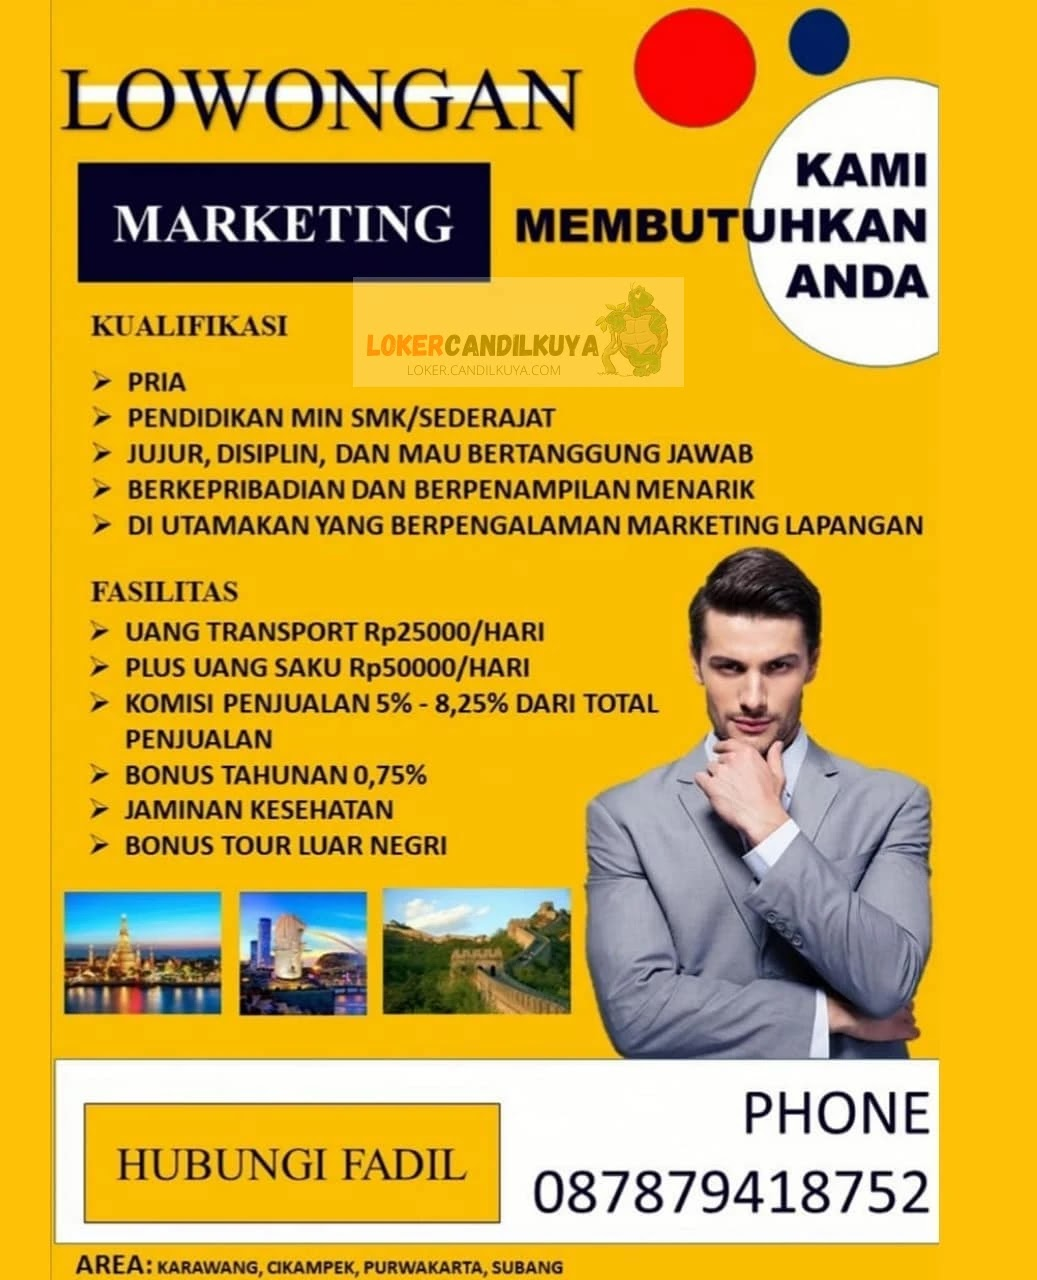 Lowongan Kerja Marketing Subang